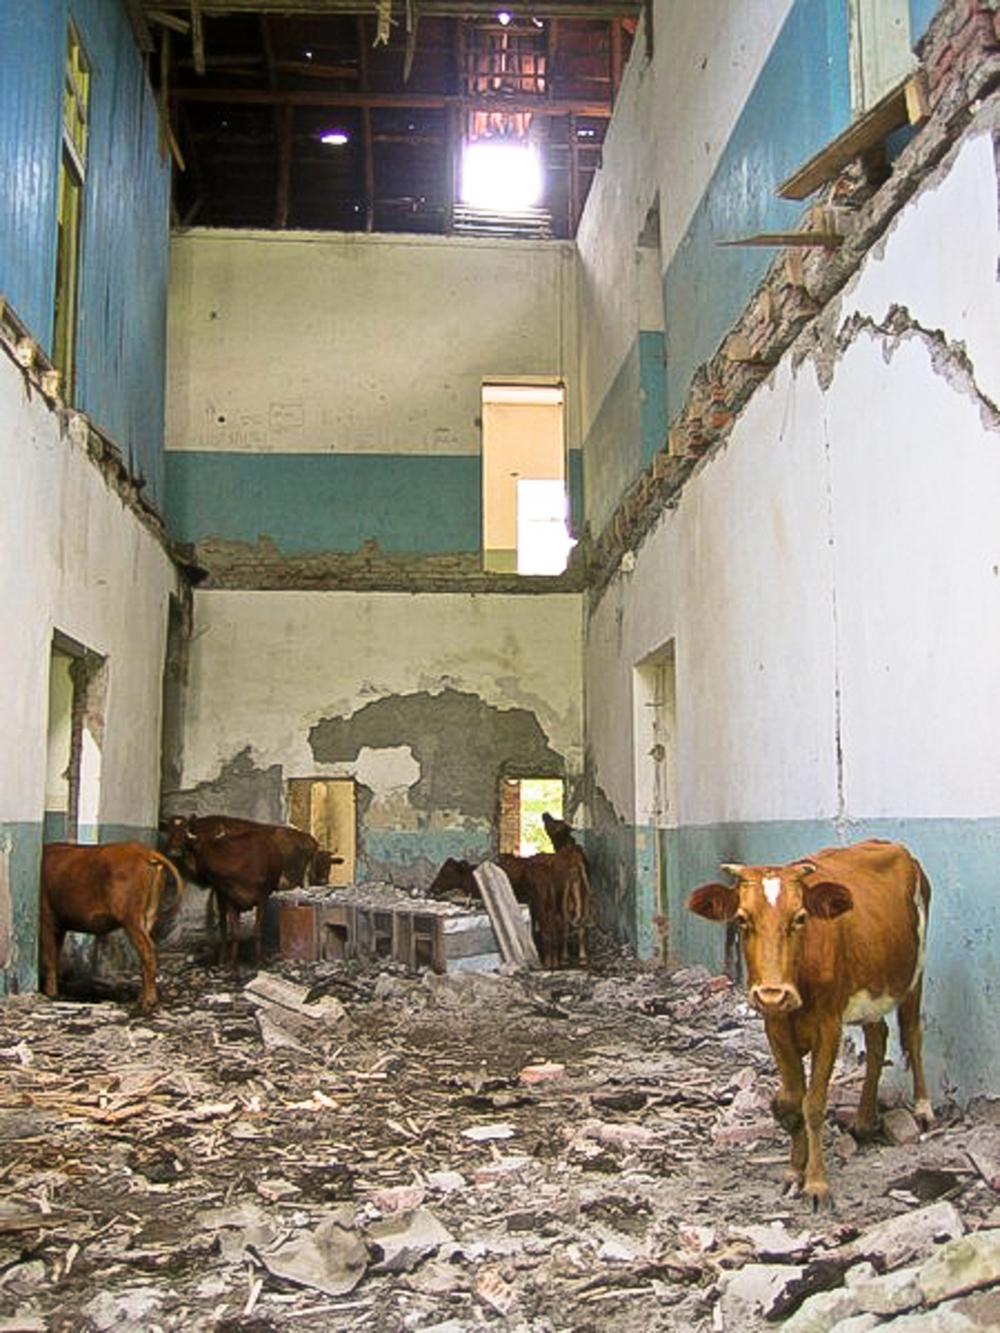 A cow in Adjara